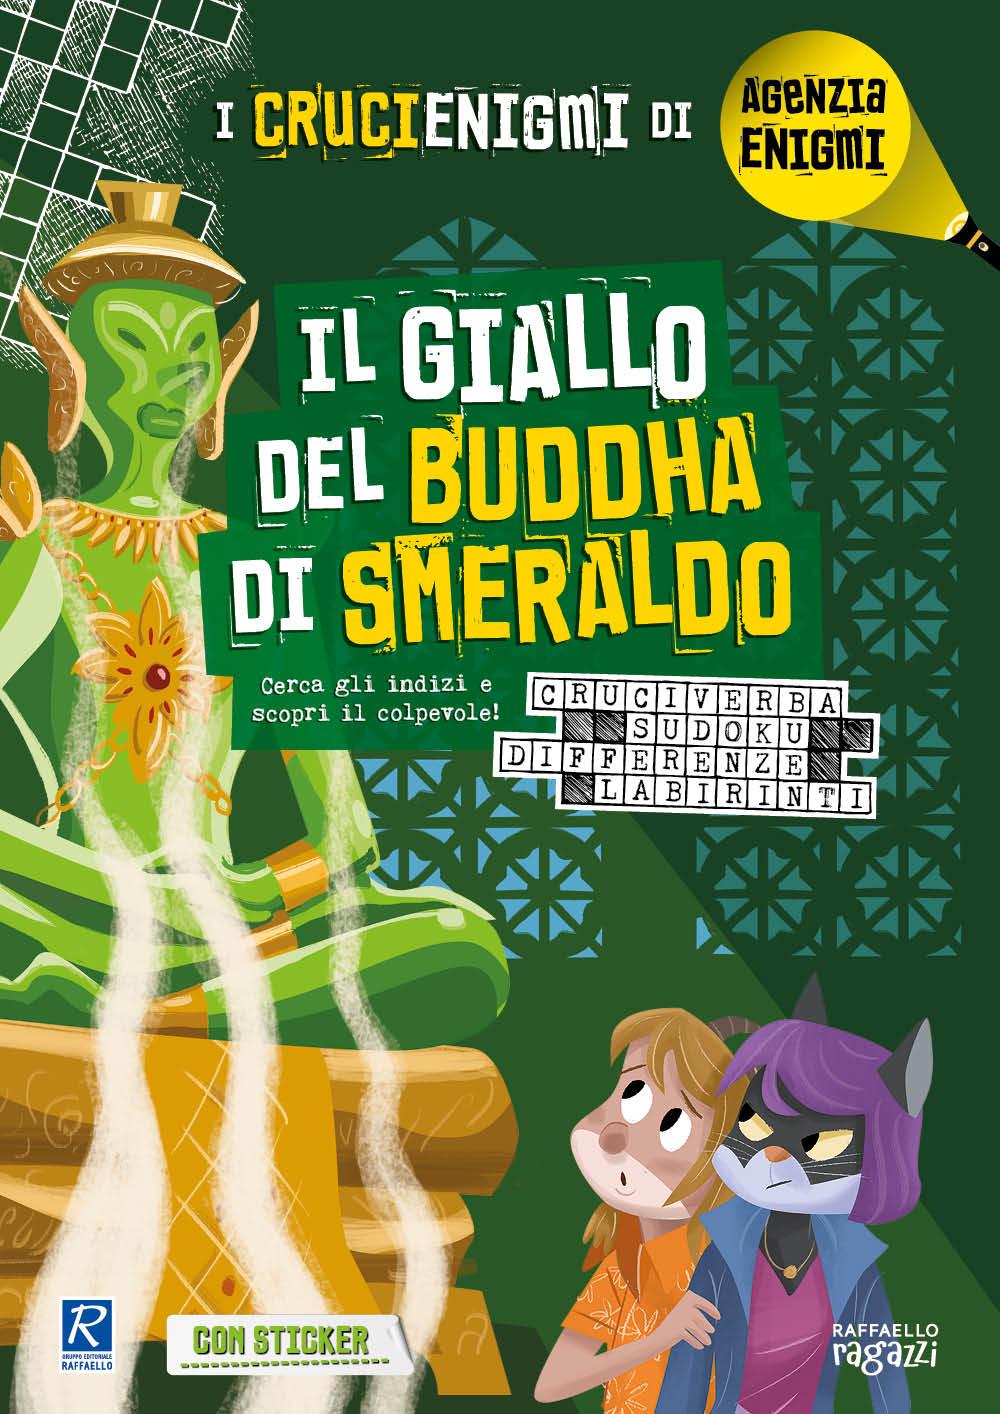 I crucienigmi - Il giallo del Buddha di smeraldo